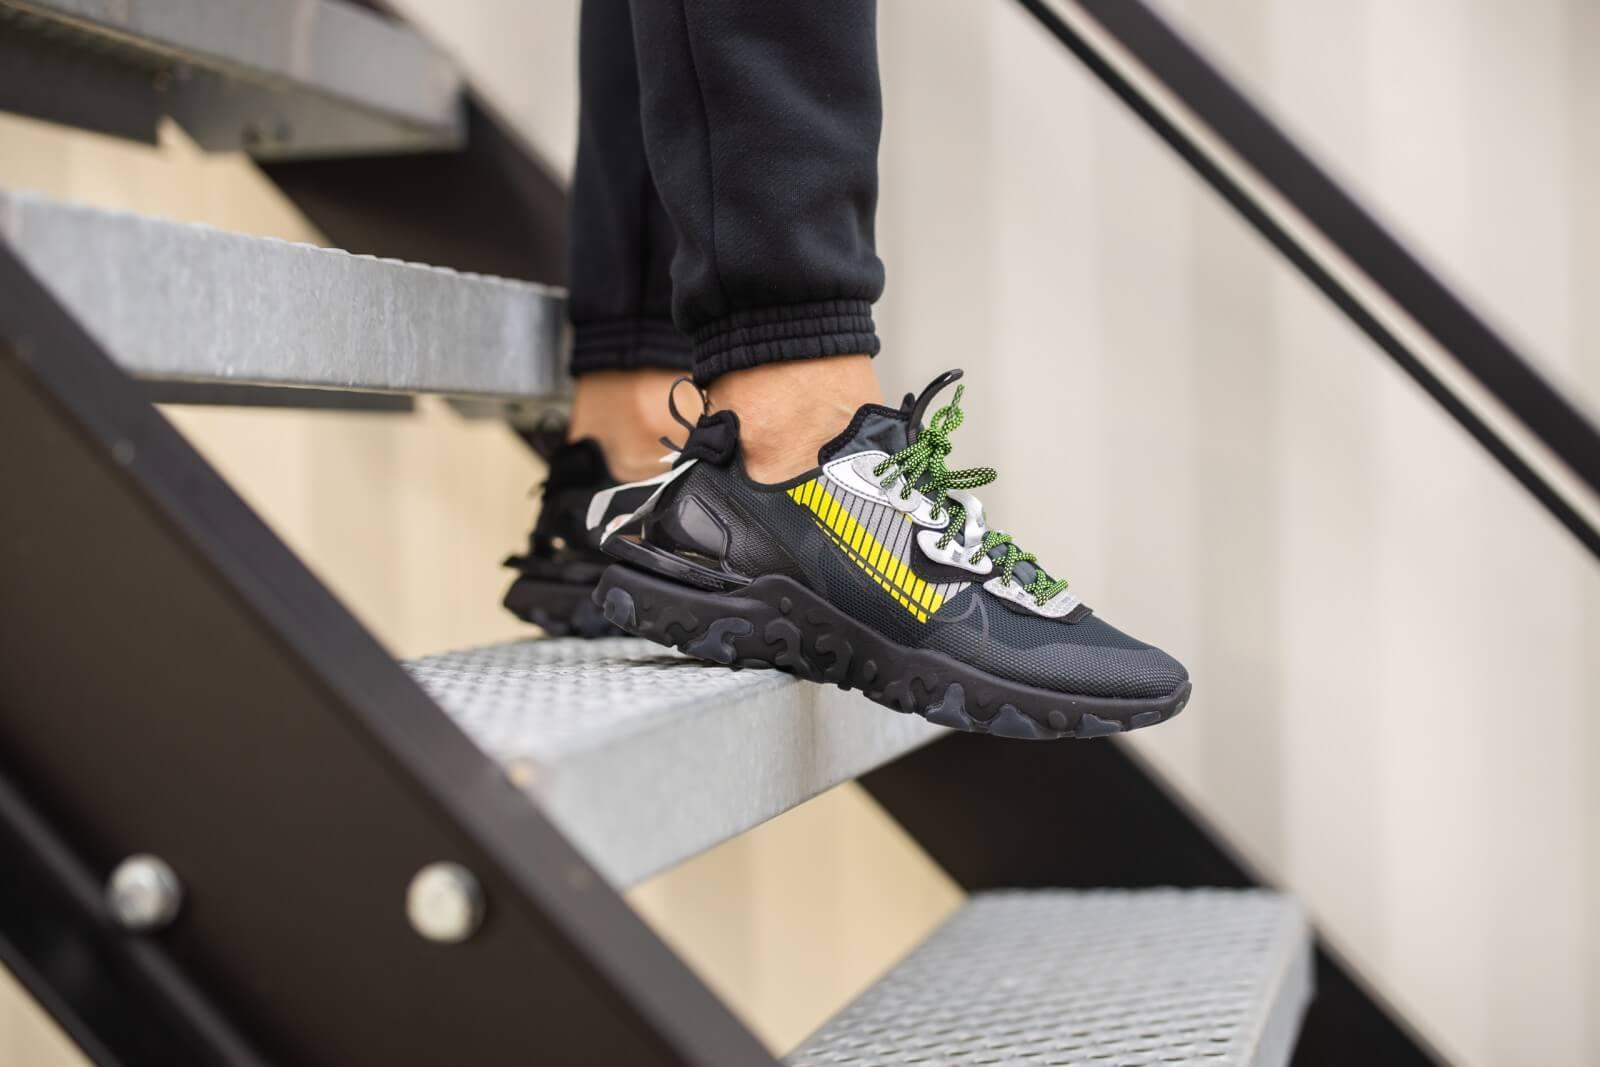 Nike React Vision Premium 3M Anthracite/Black-Volt